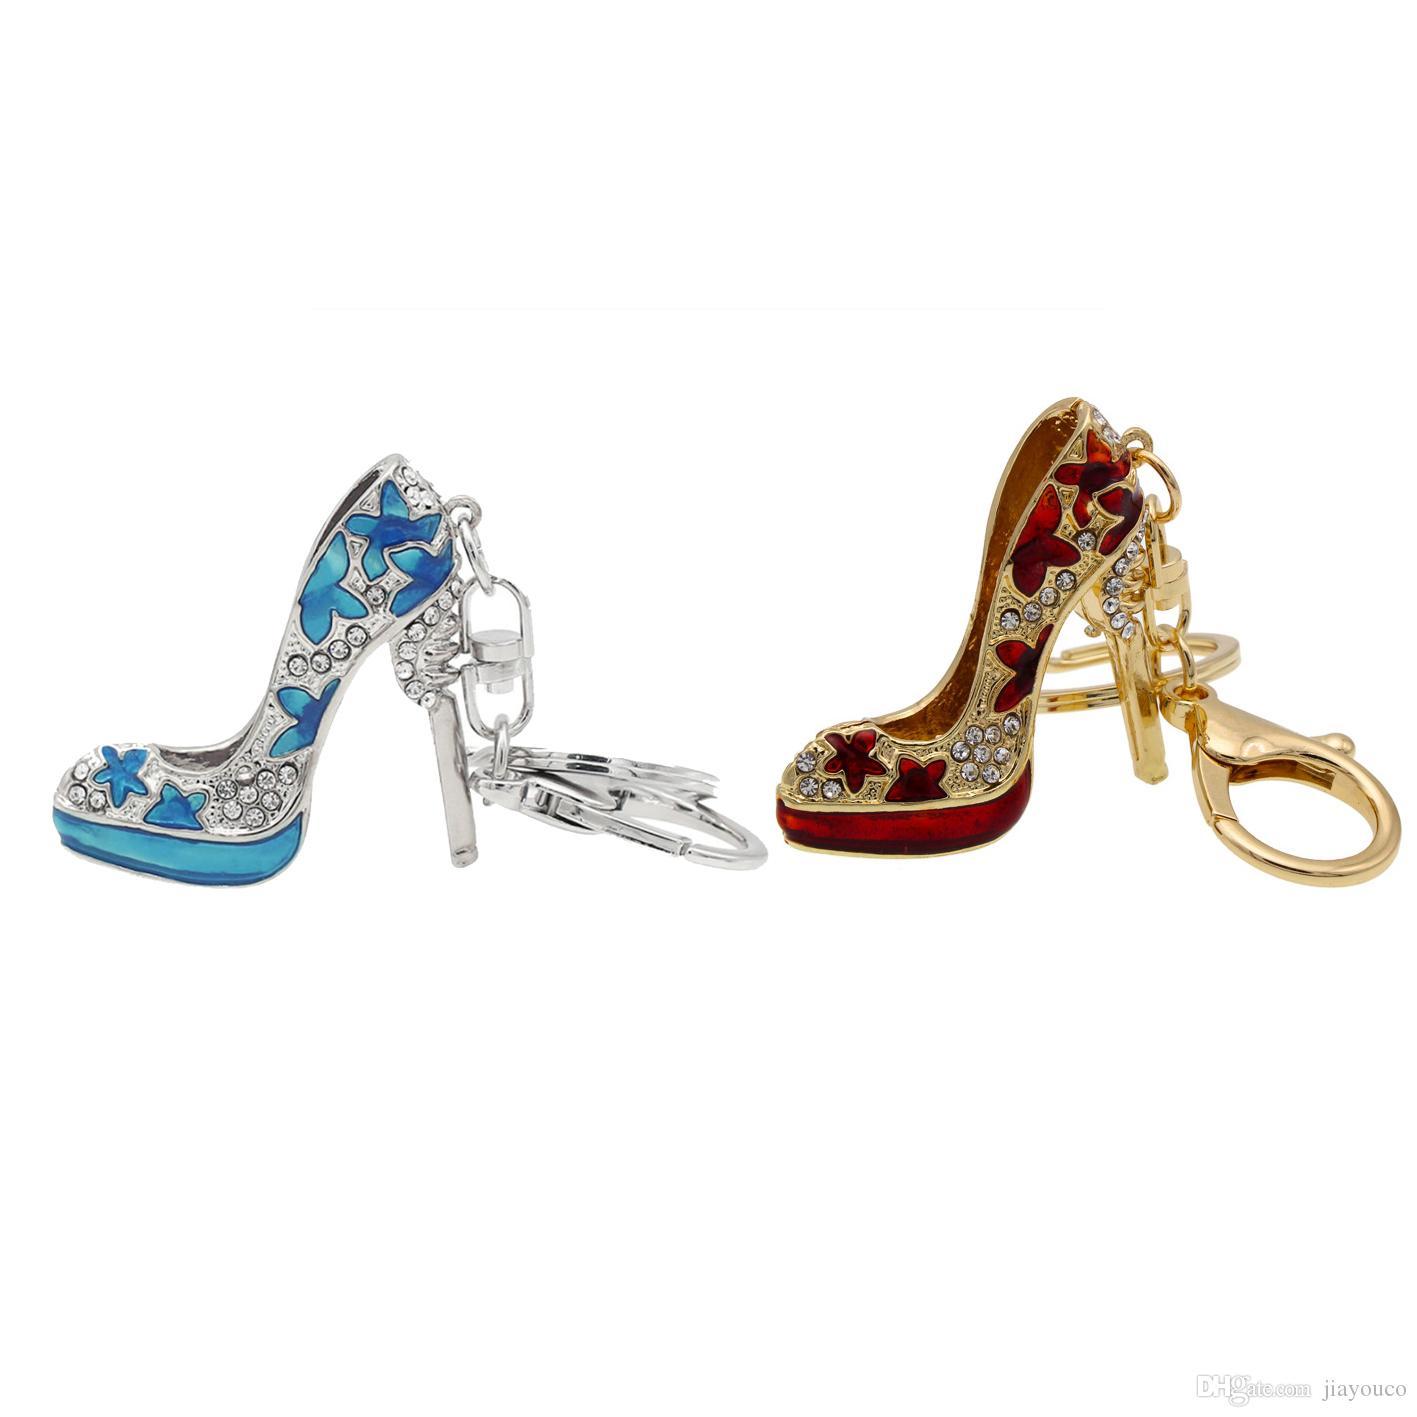 Compre Zapatos De Tacón Alto Llavero De Metal Accesorios De Moda Zapatos  Llaveros Llavero Llavero Regalos Para Los Amantes A  4.93 Del Jiayouco  46d83cbeca51